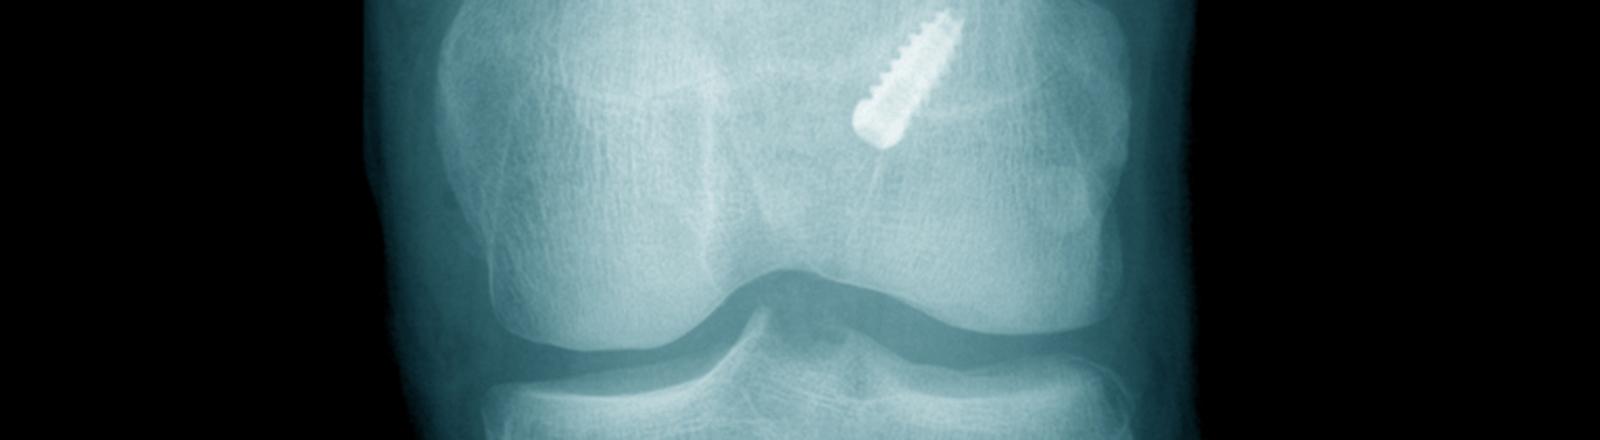 Das Bild zeigt die Röntgenaufnahme eines Kreuzbandes nach einer Operation.